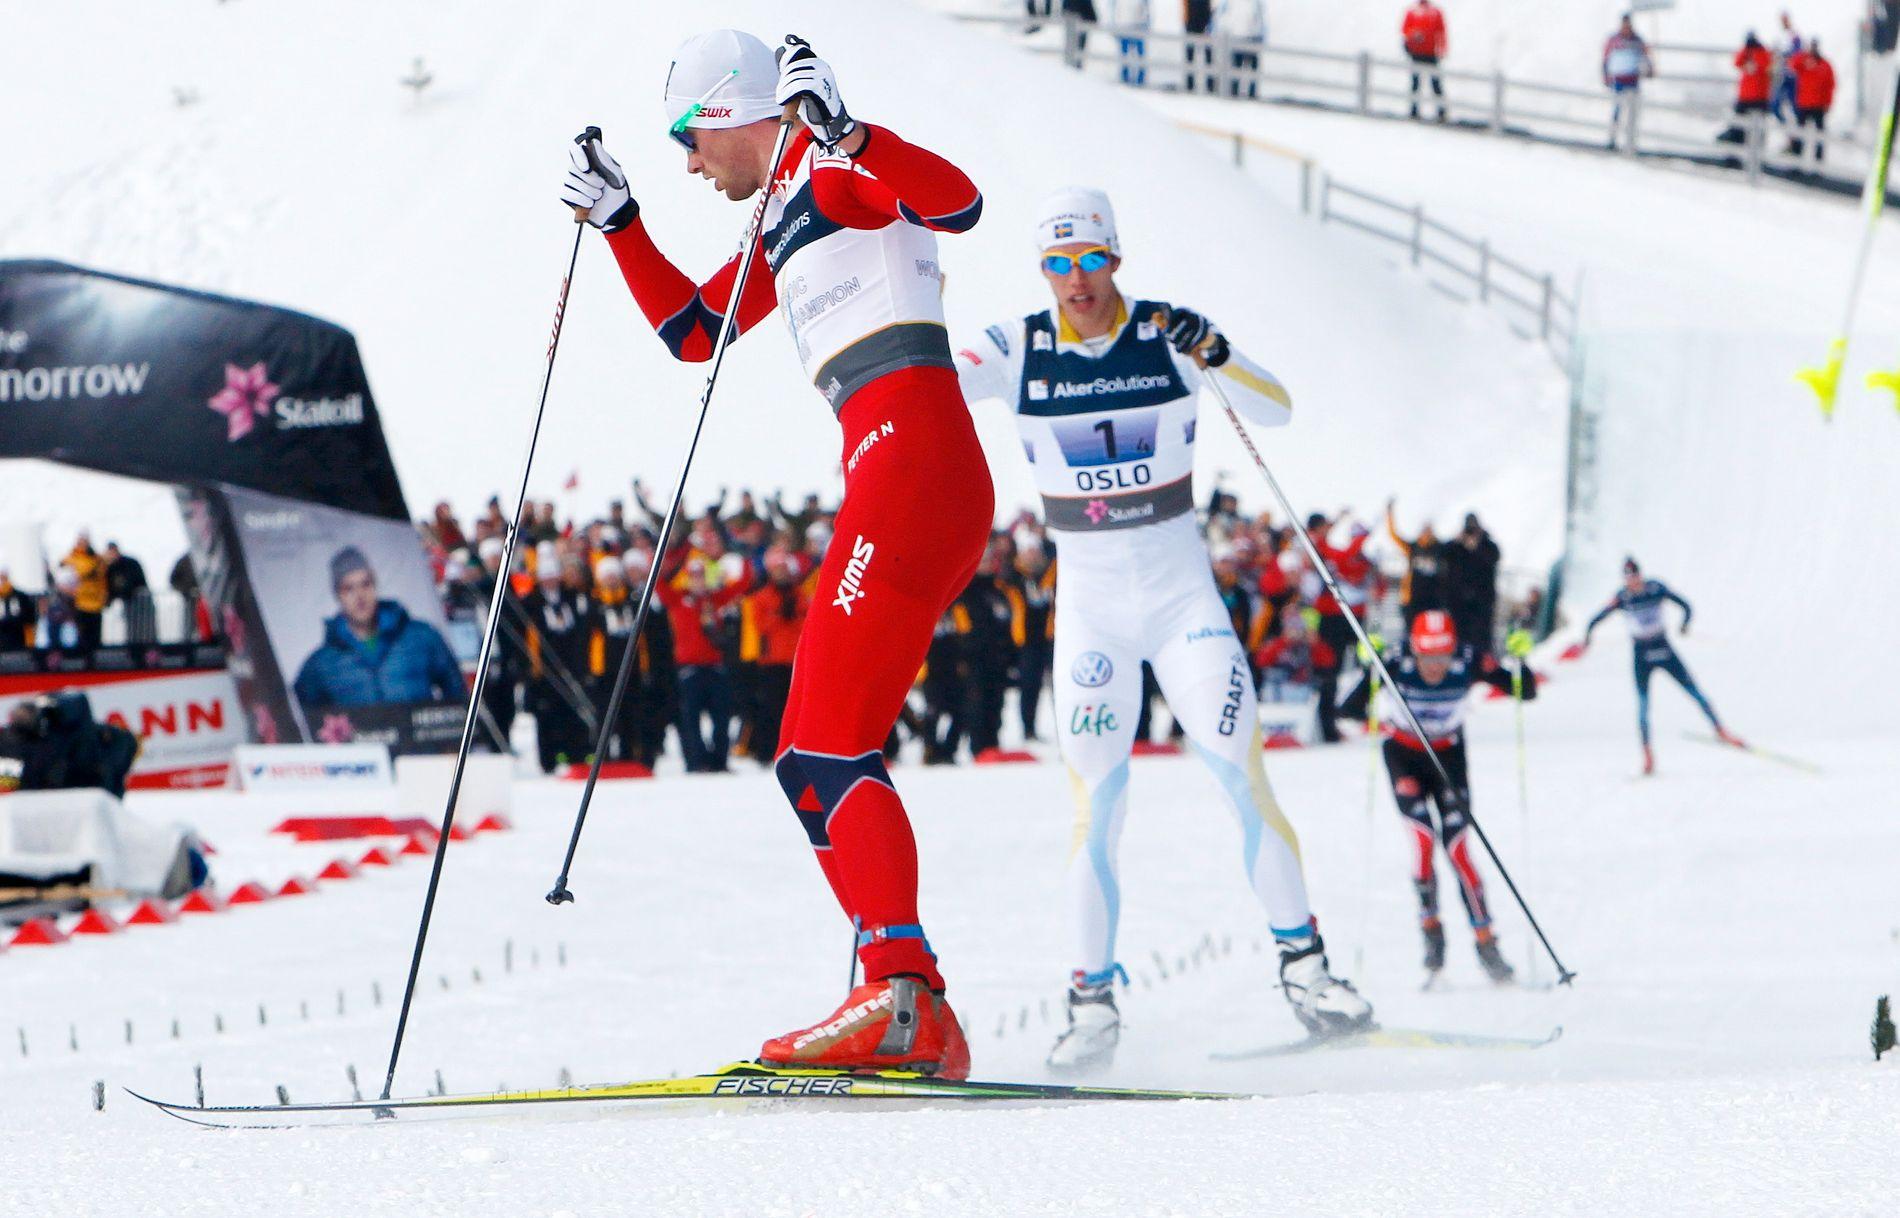 Petter Northug spurtslo Marcus Hellner i Holmenkollen i 2011 og tok seg også tid til å bremse opp på målstreken.